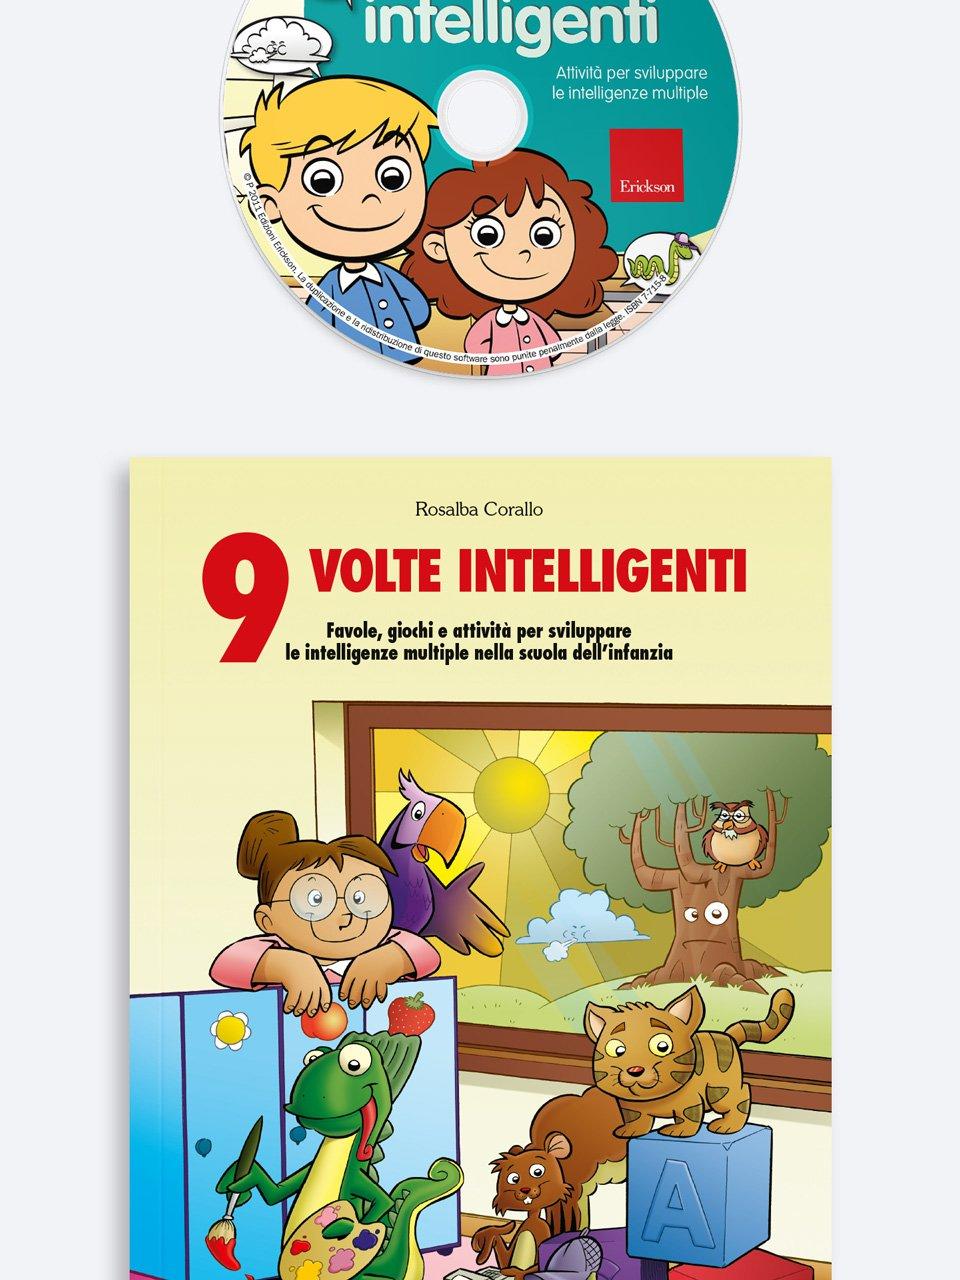 9 volte intelligenti - Rosalba Corallo - Erickson 3